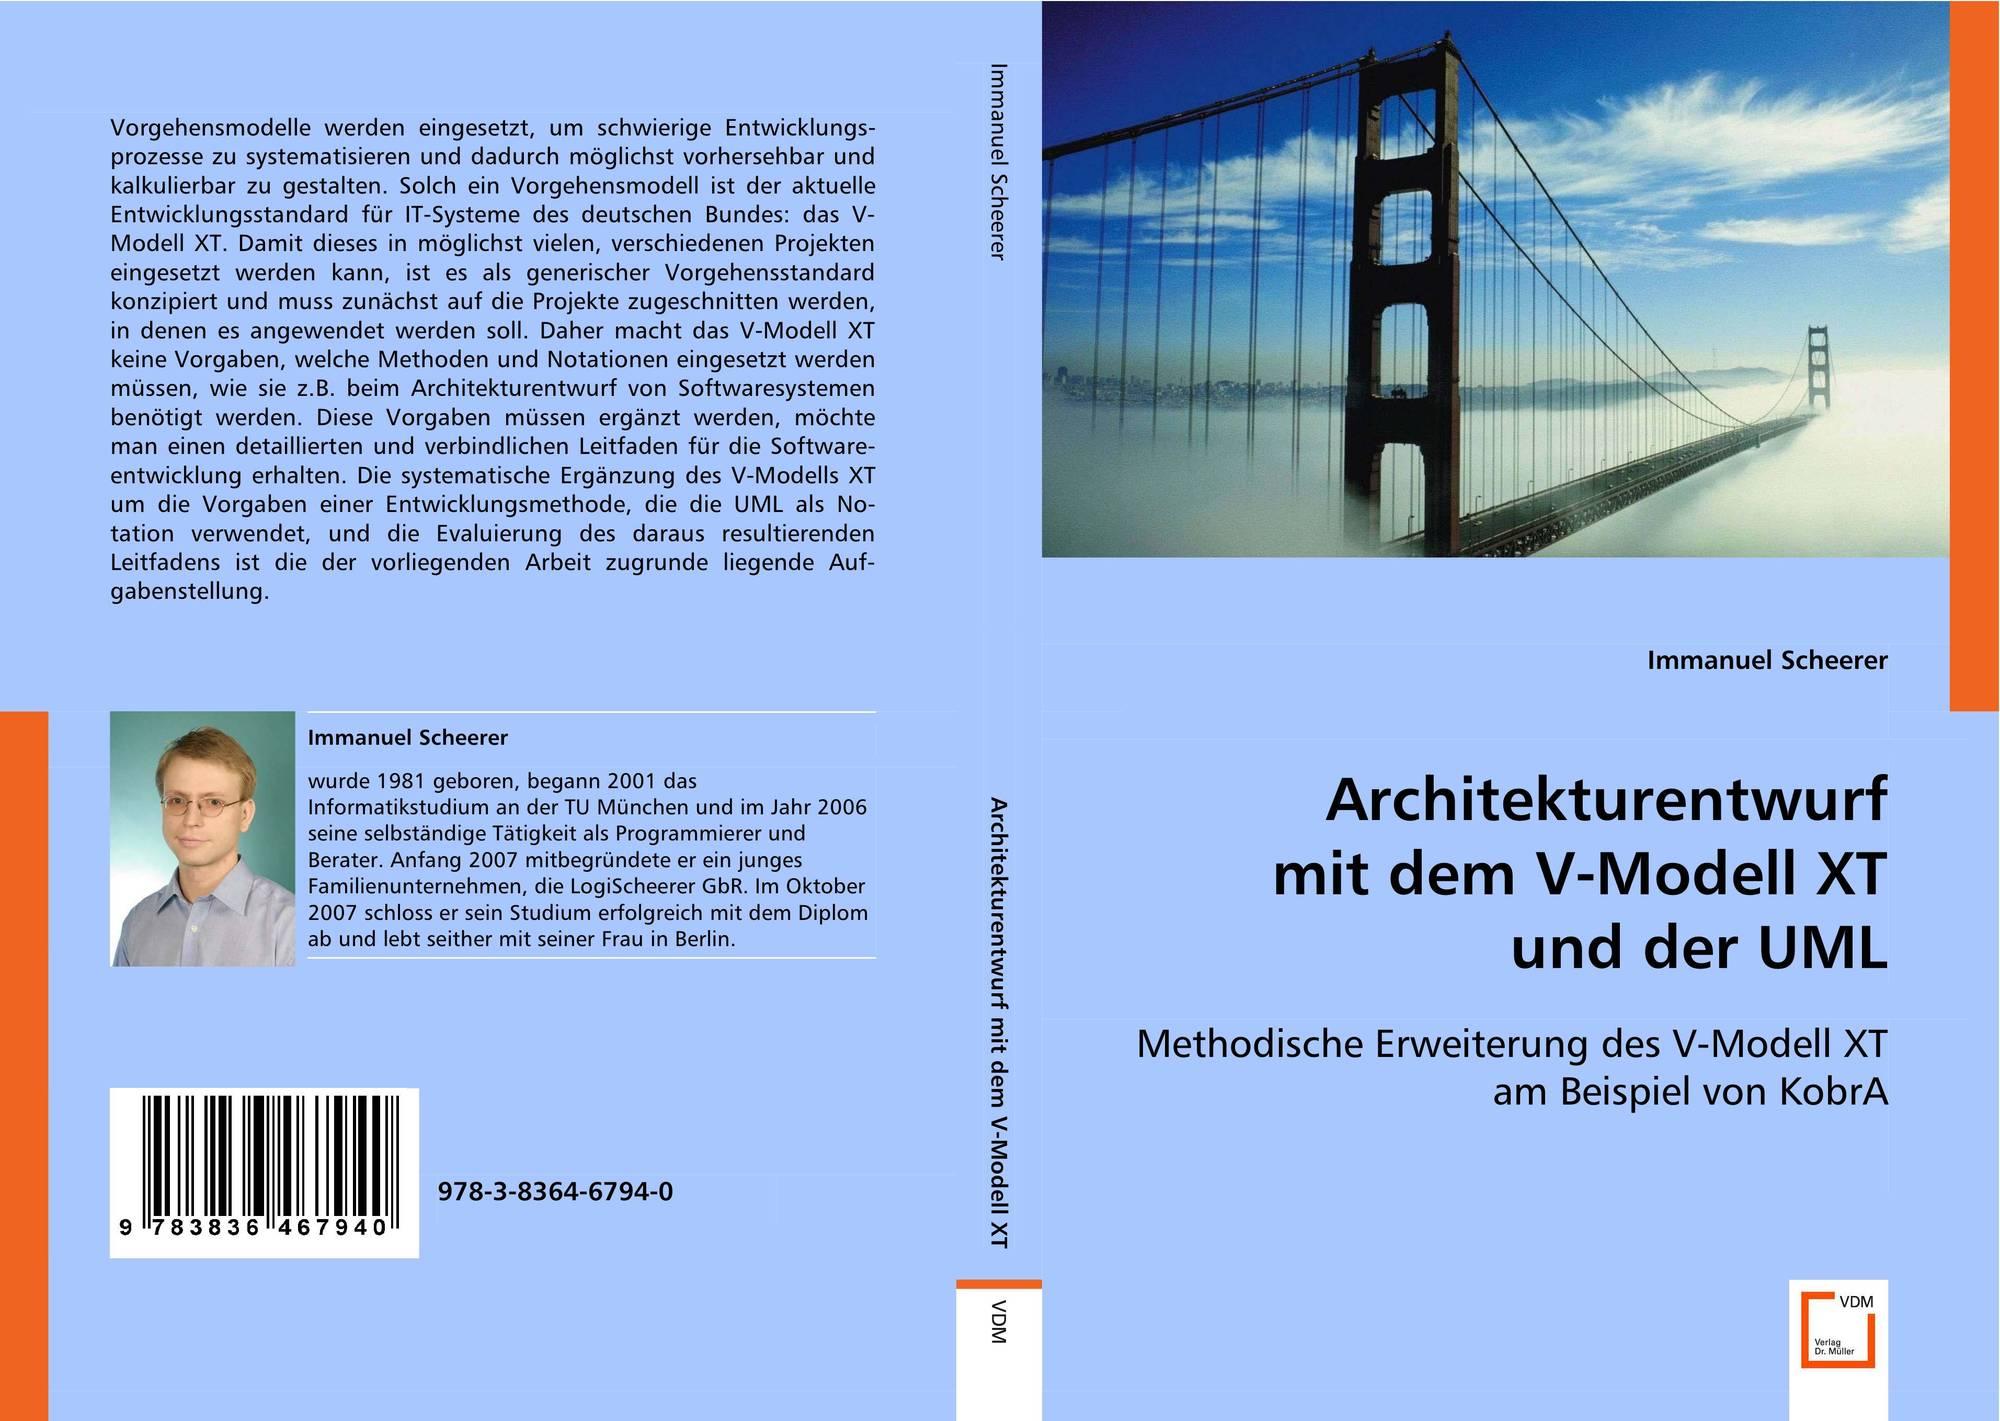 Architekturentwurfmit dem V-Modell XTund der UML, 978-3-8364